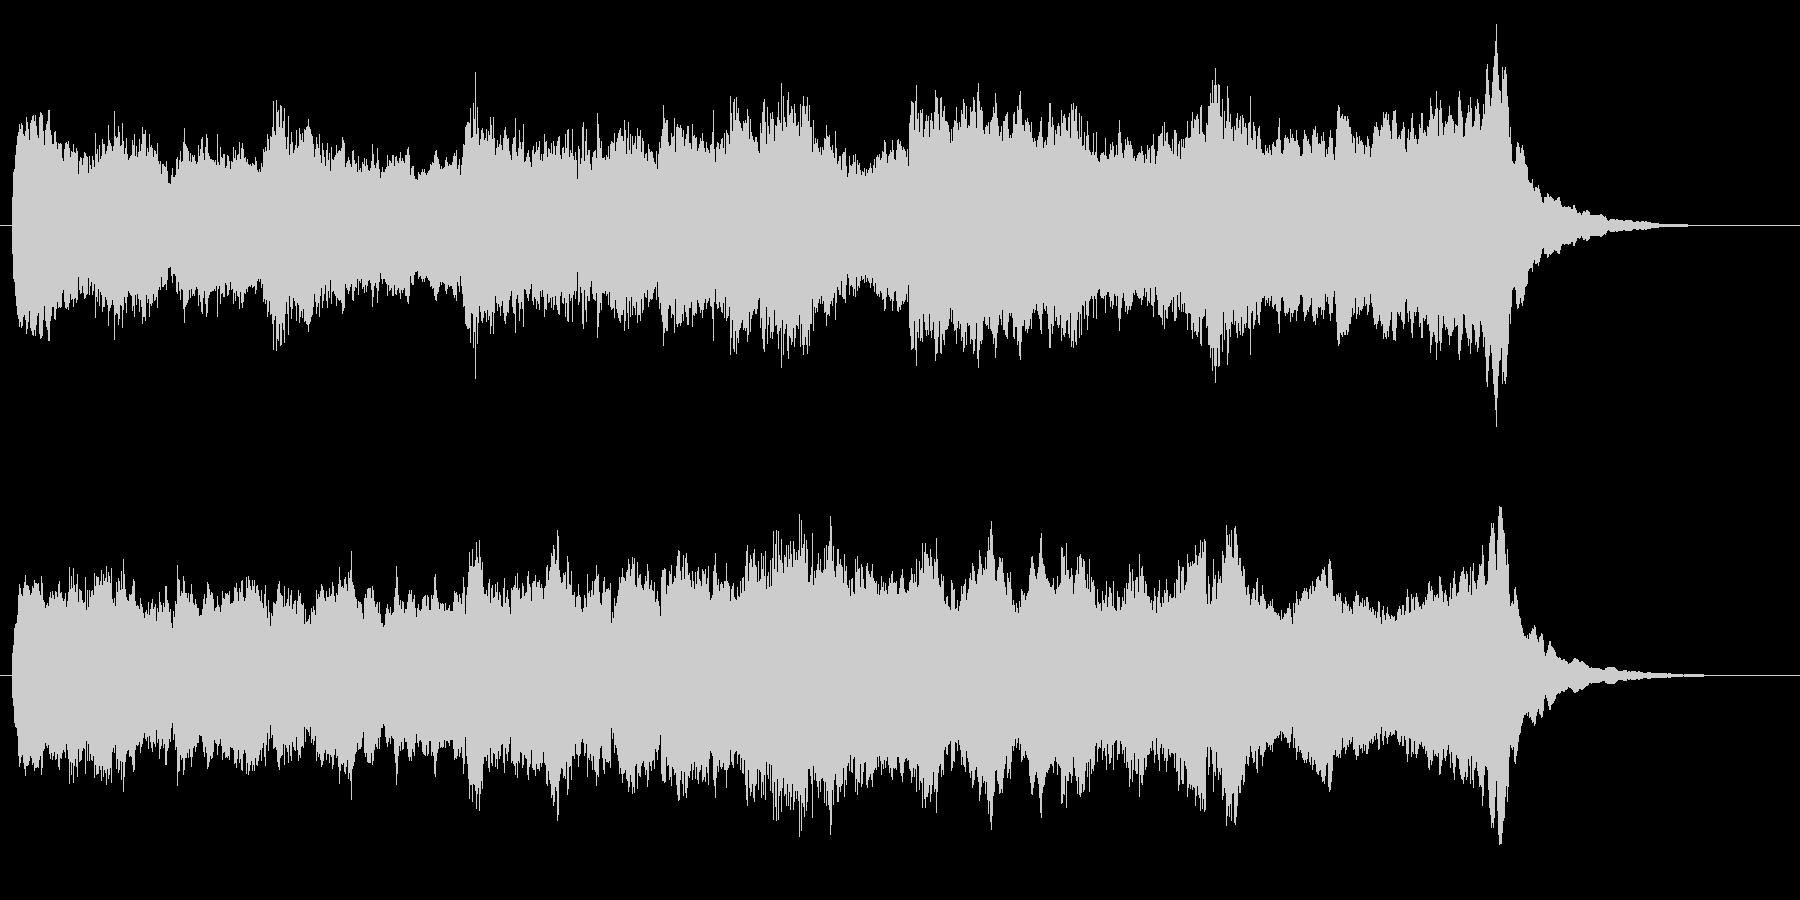 ウェディングな旋律が美しいパイプオルガンの未再生の波形